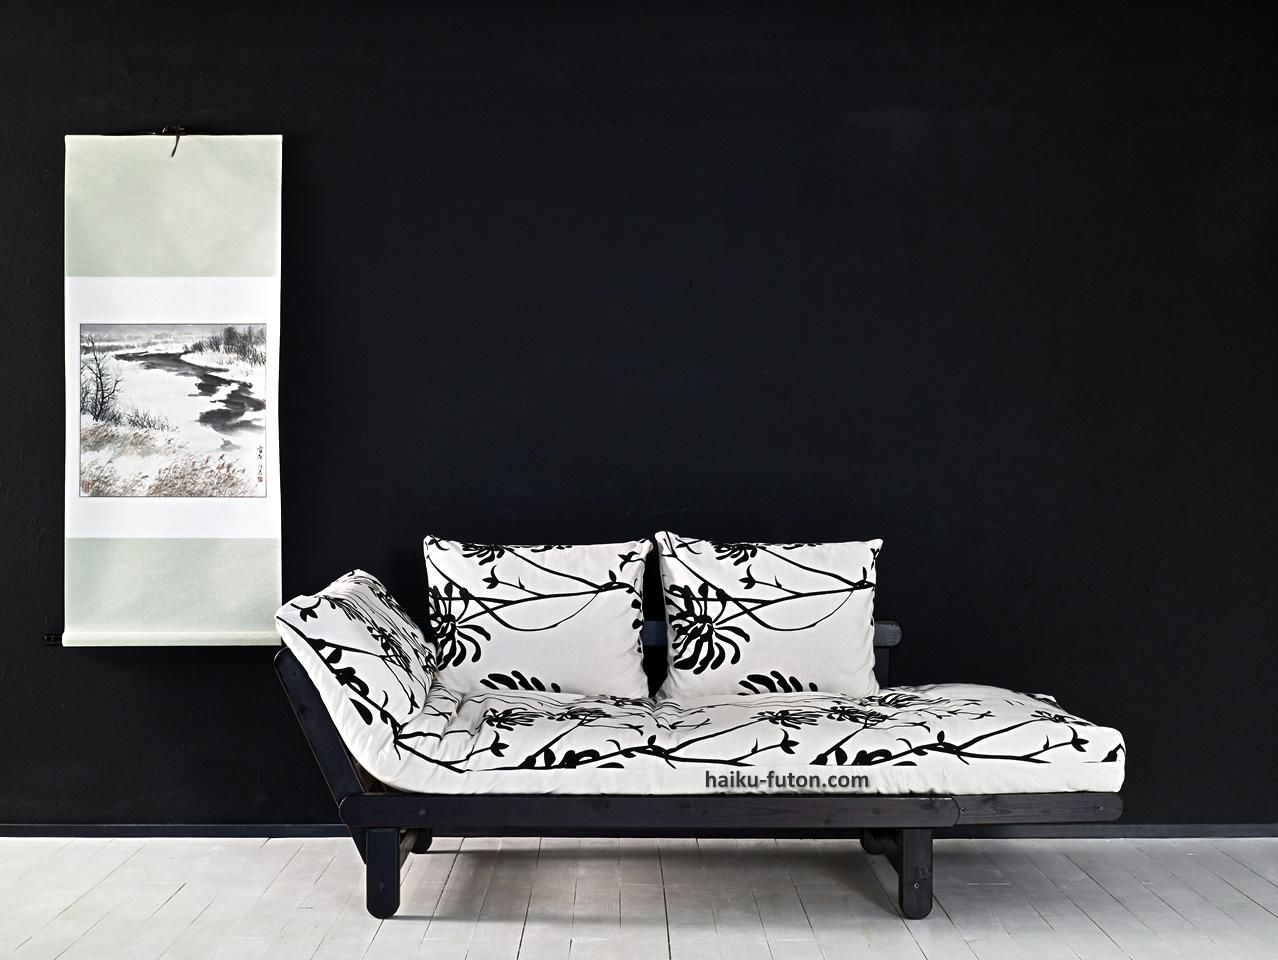 Muebles en oiartzun tiendas de muebles en guip zcoa gipuzkoa dekosular - Sofas baratos en guipuzcoa ...